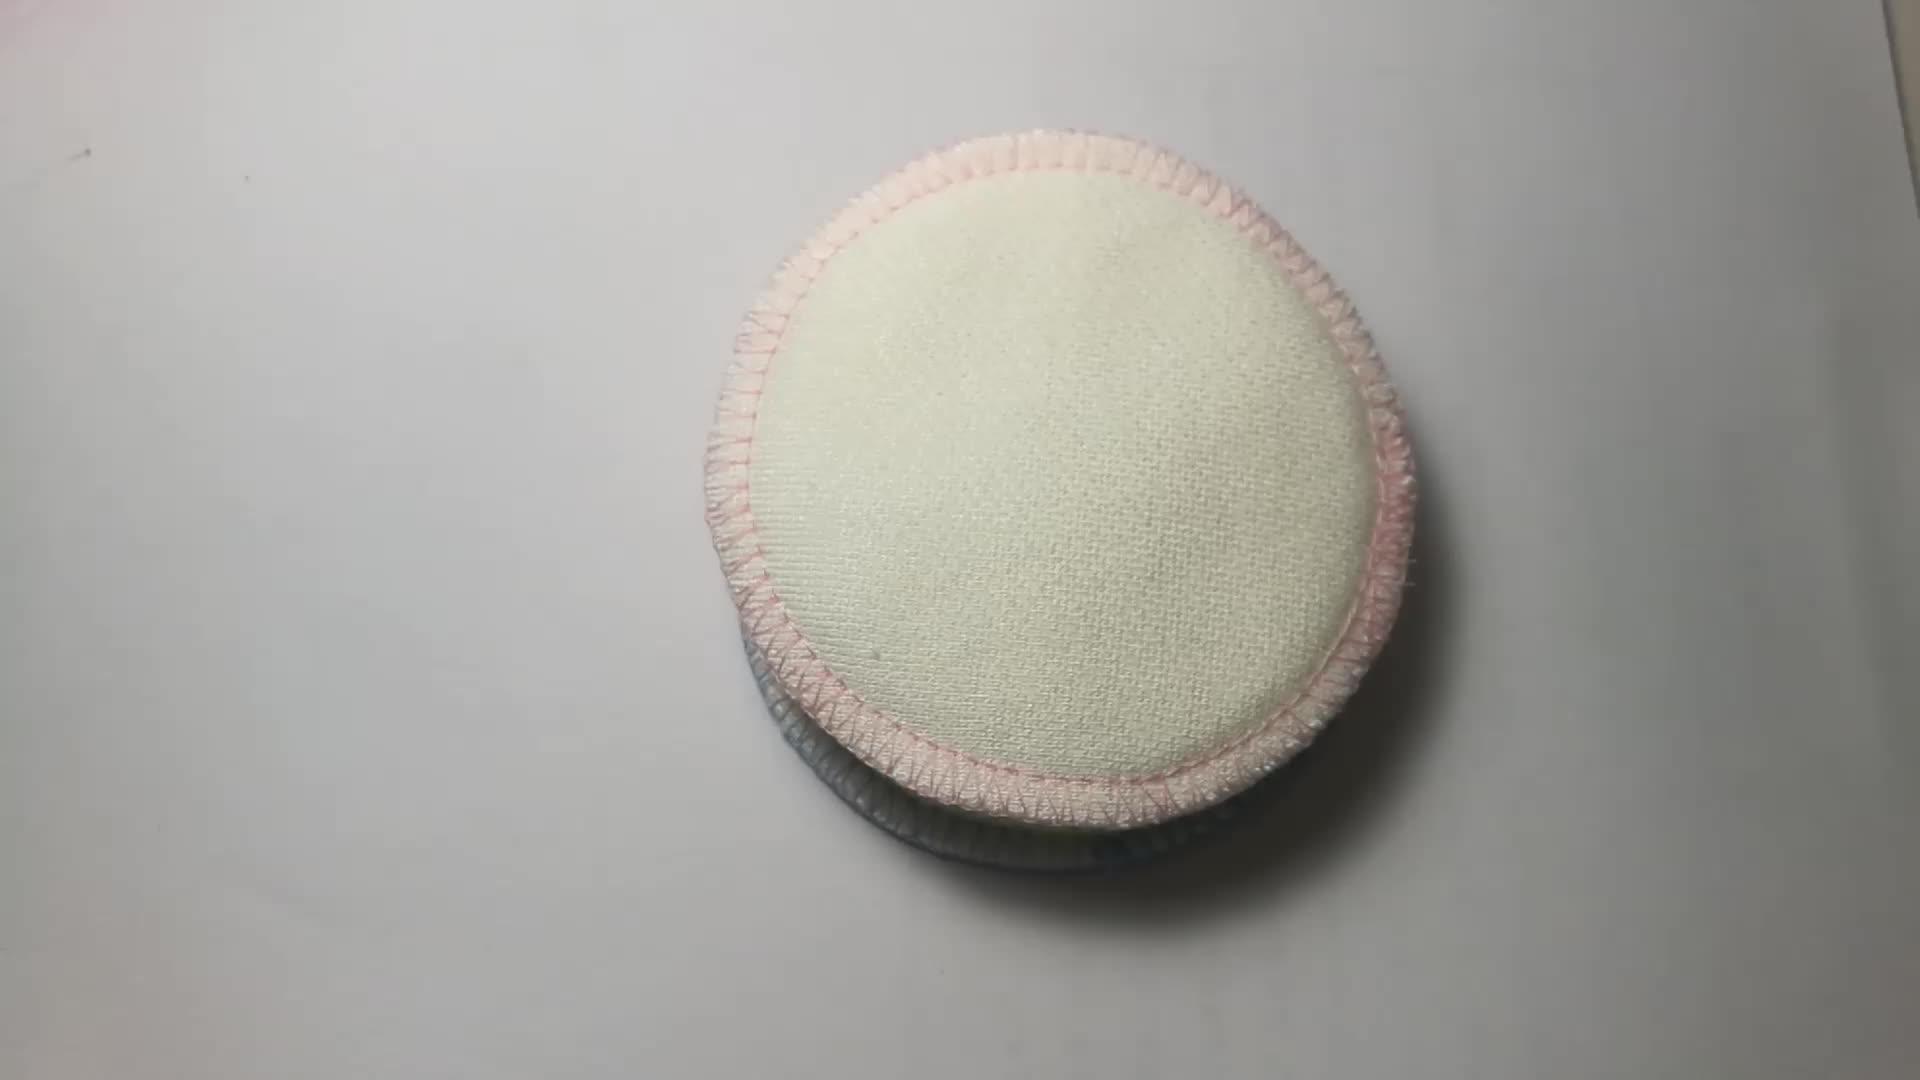 चेहरे की सफाई धो सकते हैं कपास राउंड कार्बनिक बांस मेकअप पदच्युत पैड